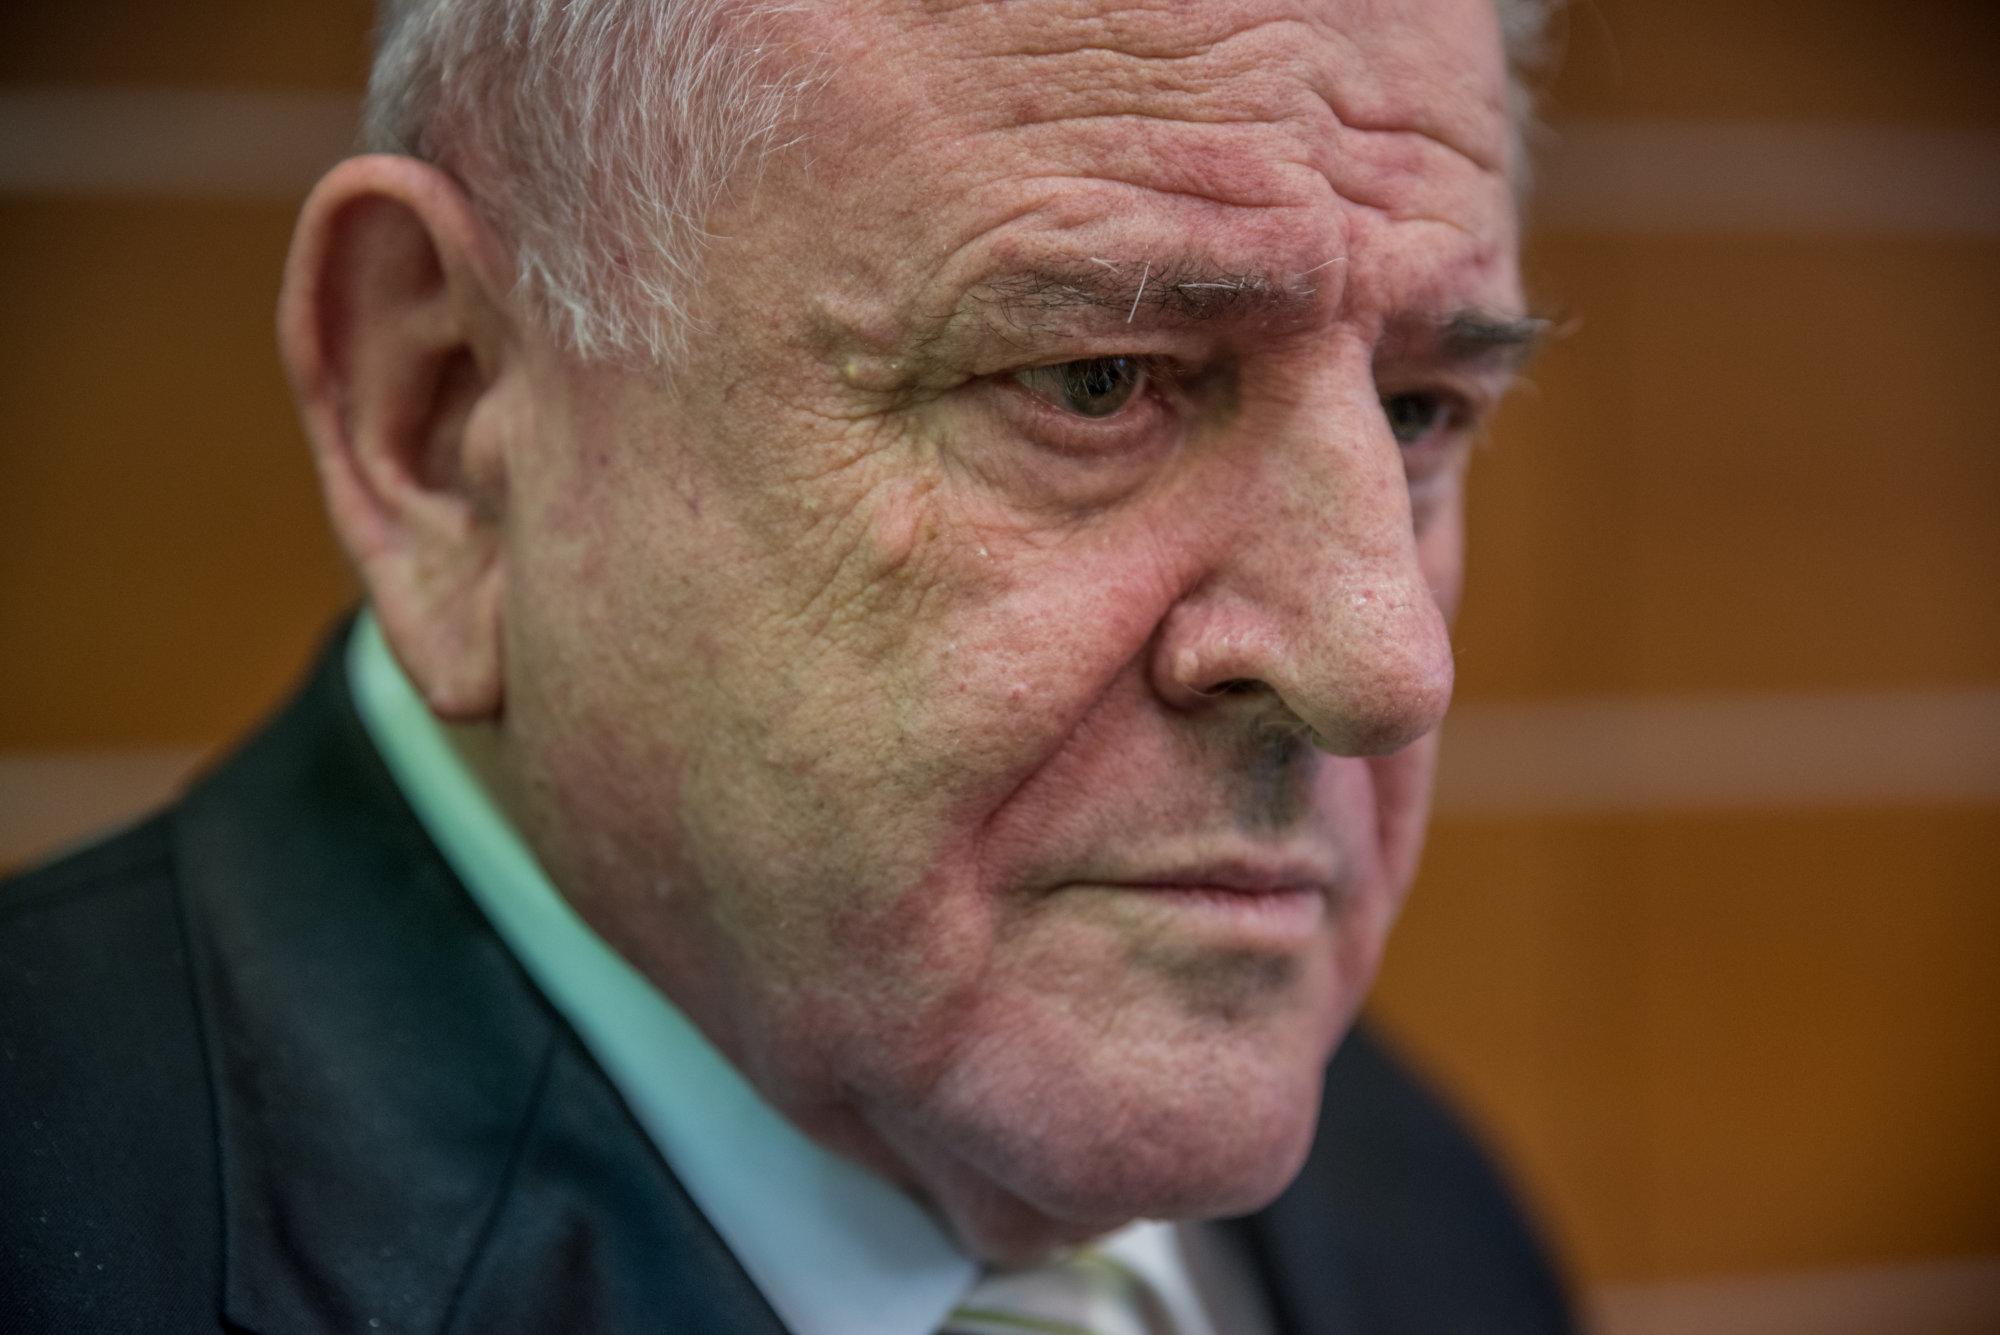 Mečiarove amnestie nemusia byť premlčané, rozhodla generálna prokuratúra – Denník N